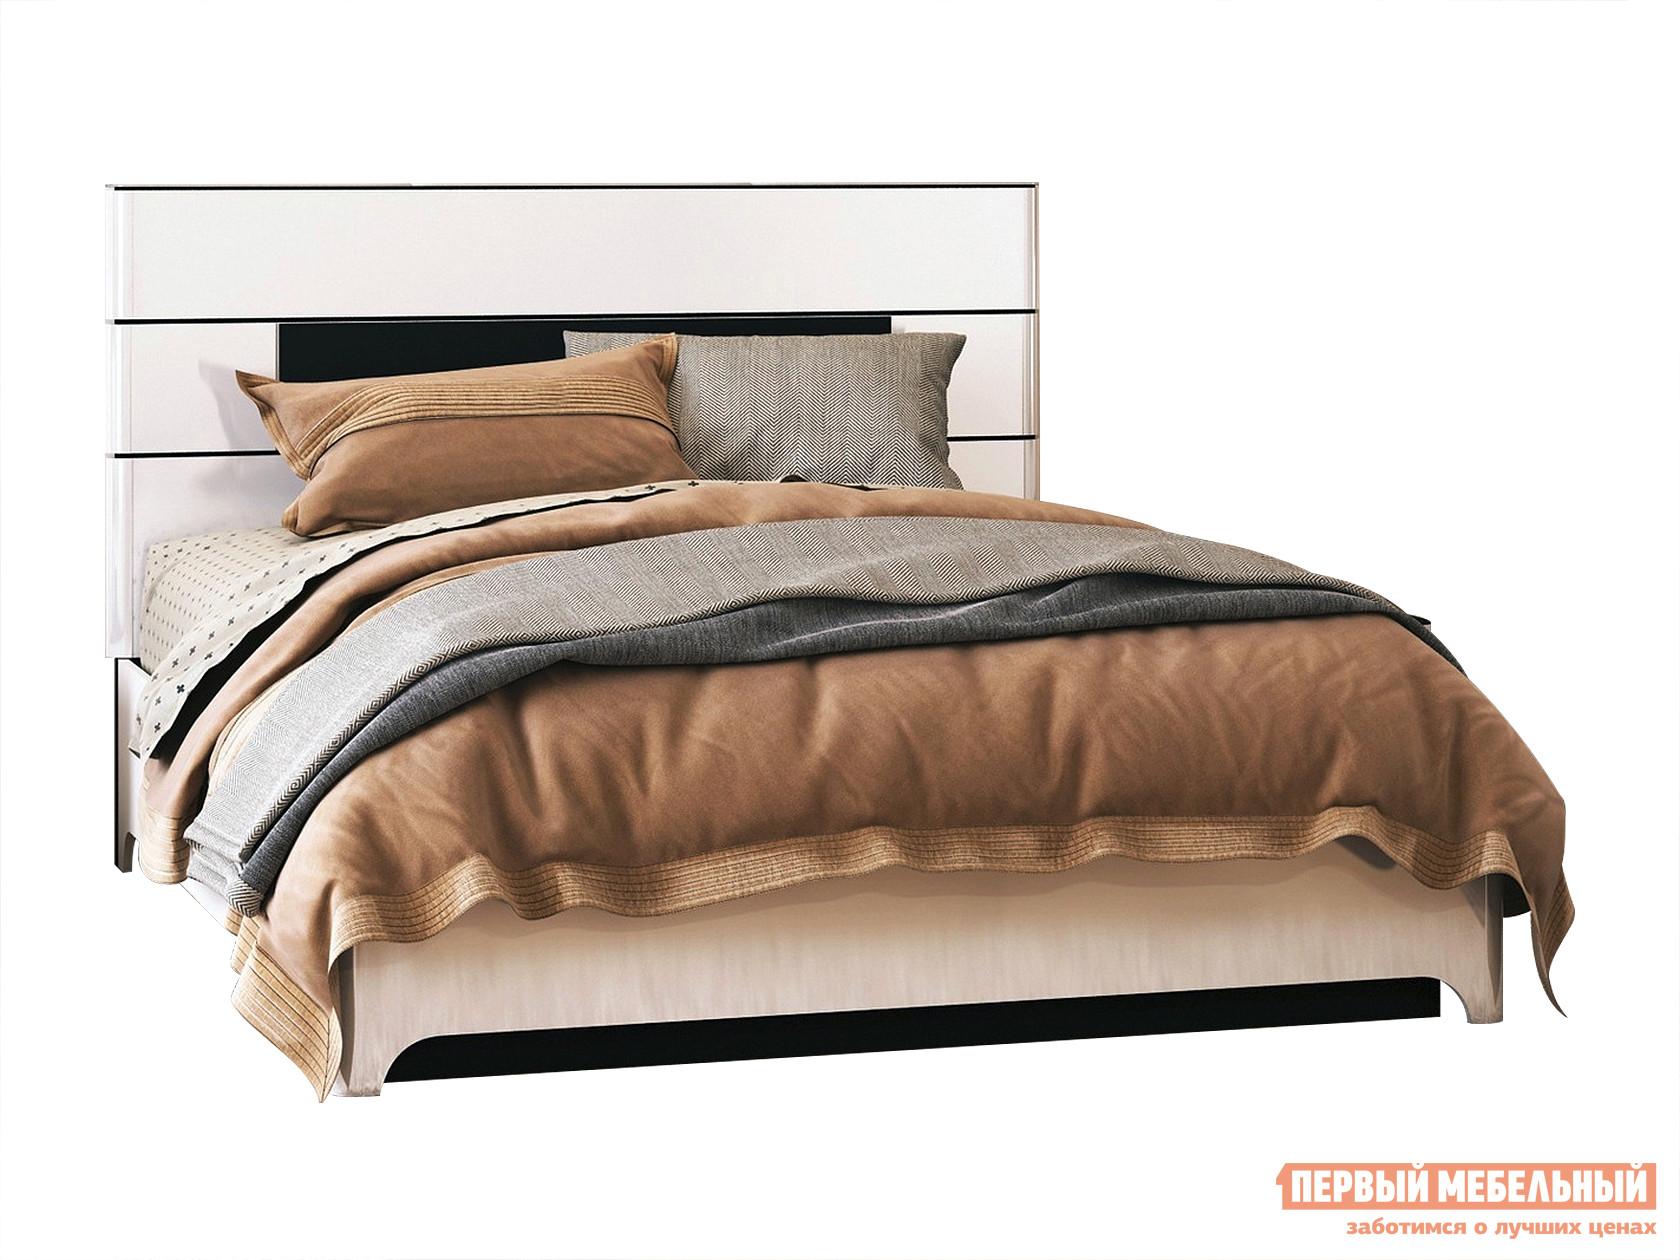 Двуспальная кровать с подъемным механизмом ТД Арника Танго 05 с ПМ двуспальная кровать elisa аскона элиза с пм с подъемным механизмом 200 x 200